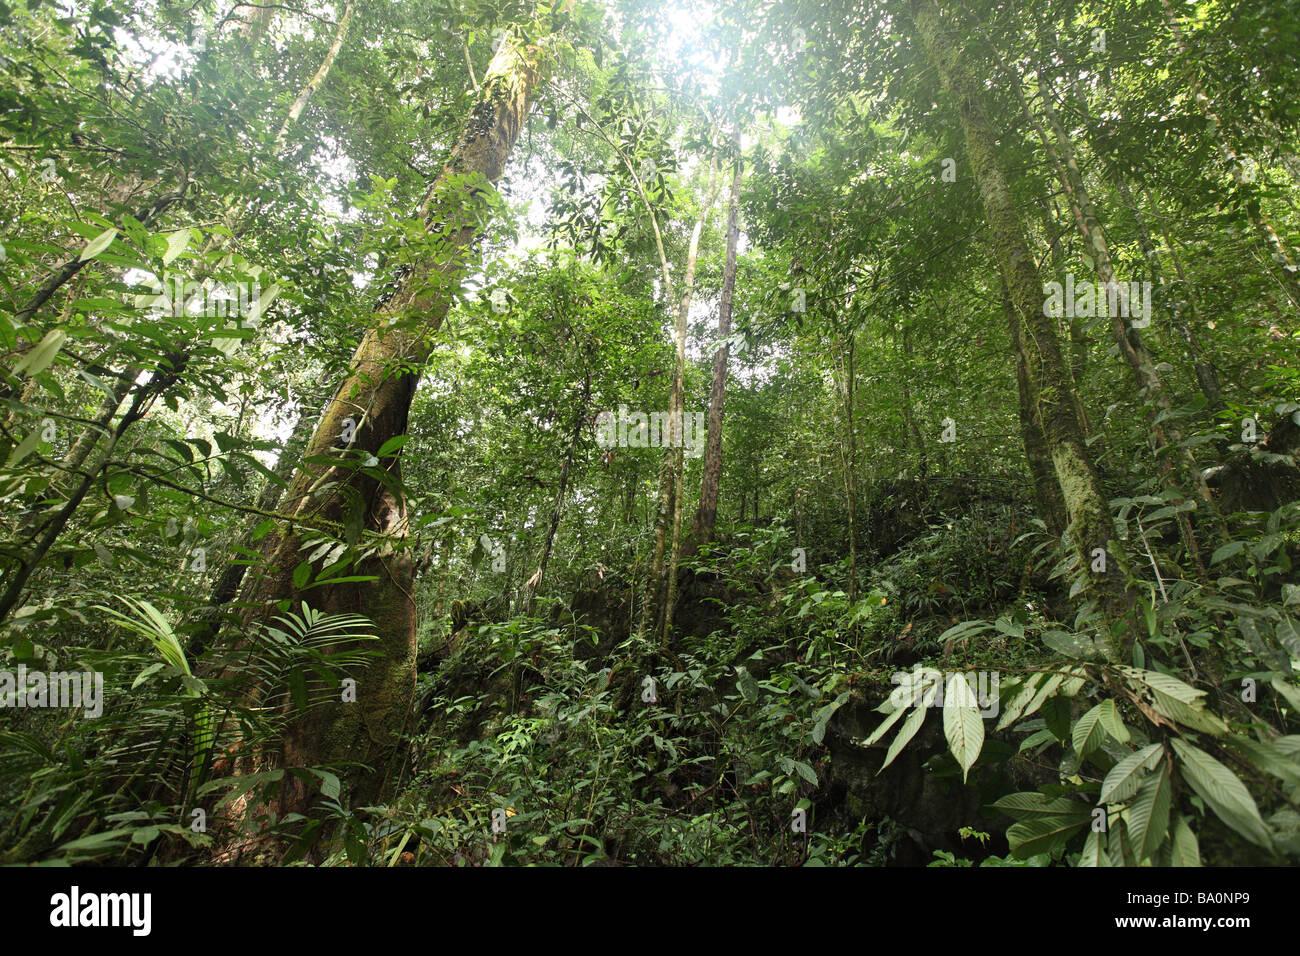 Espesa vegetación que cubre el suelo profundo dentro de la selva en la isla de Borneo Imagen De Stock